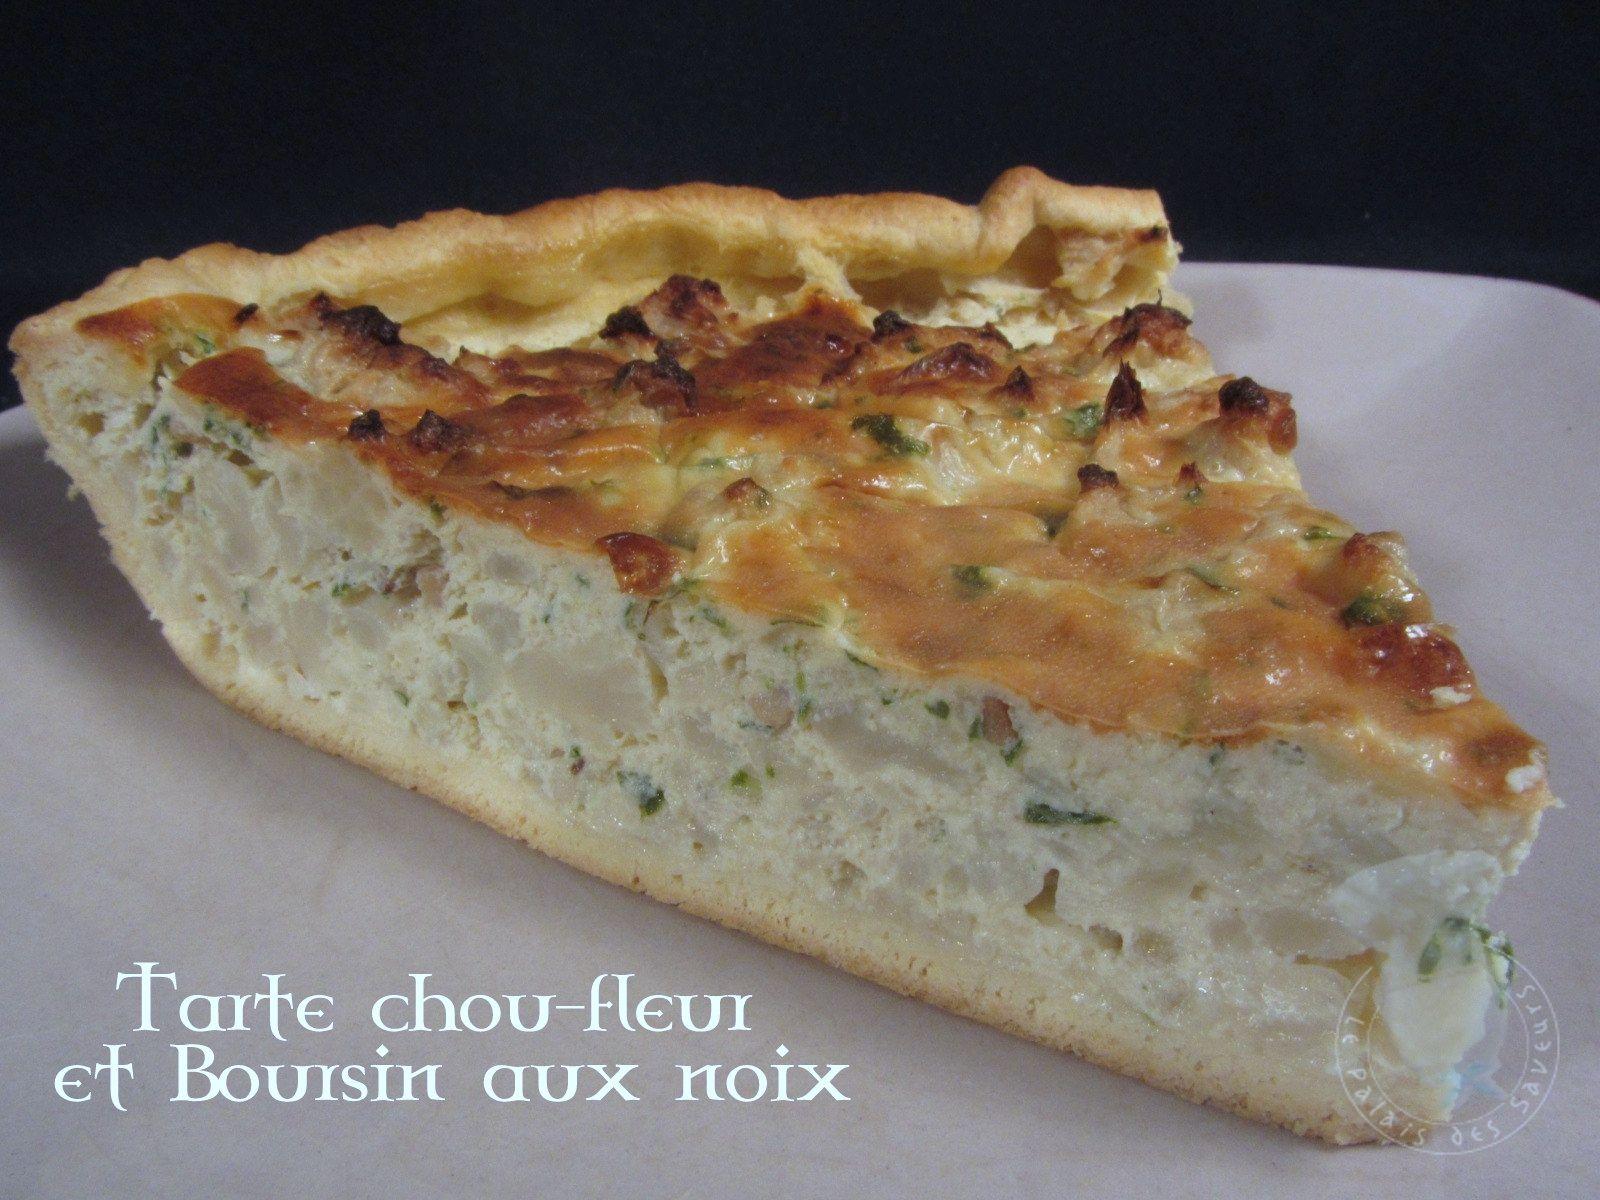 tarte chou-fleur et boursin aux noix - le palais des saveurs